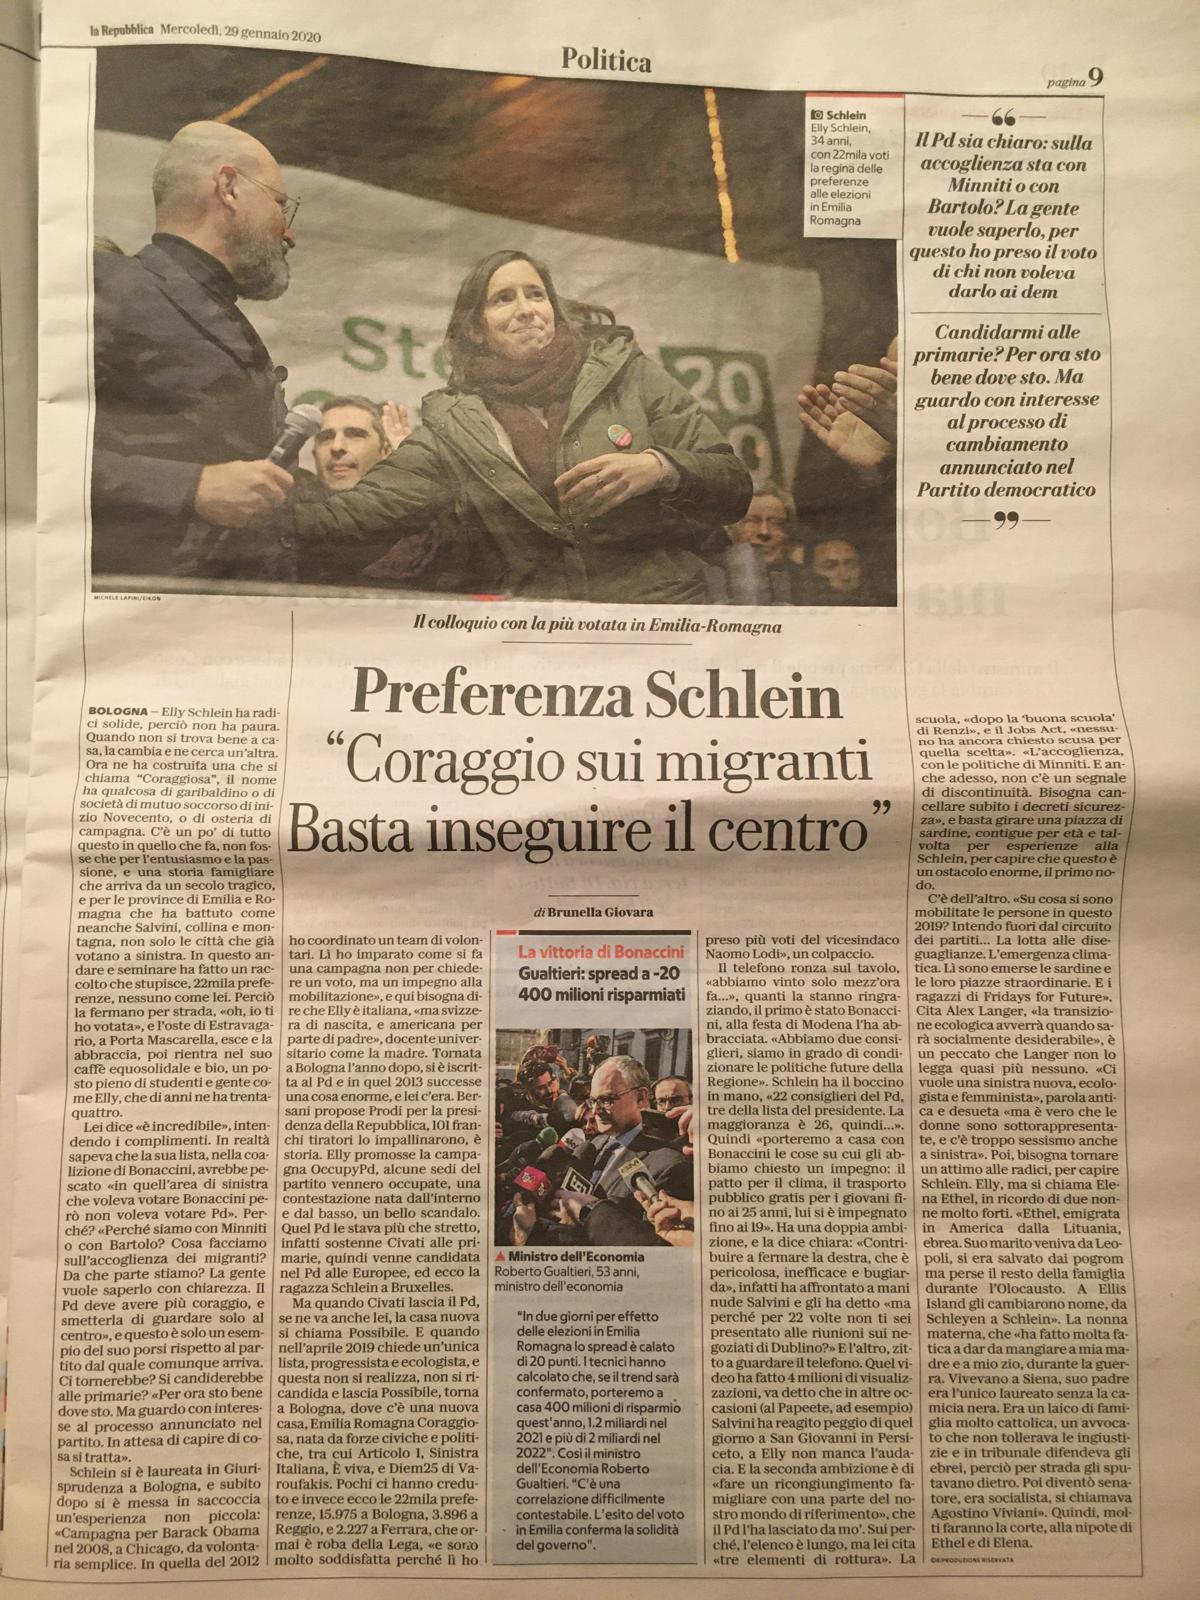 """La Repubblica – Preferenza Schlein """"Coraggio sui migranti. Basta inseguire il centro"""""""